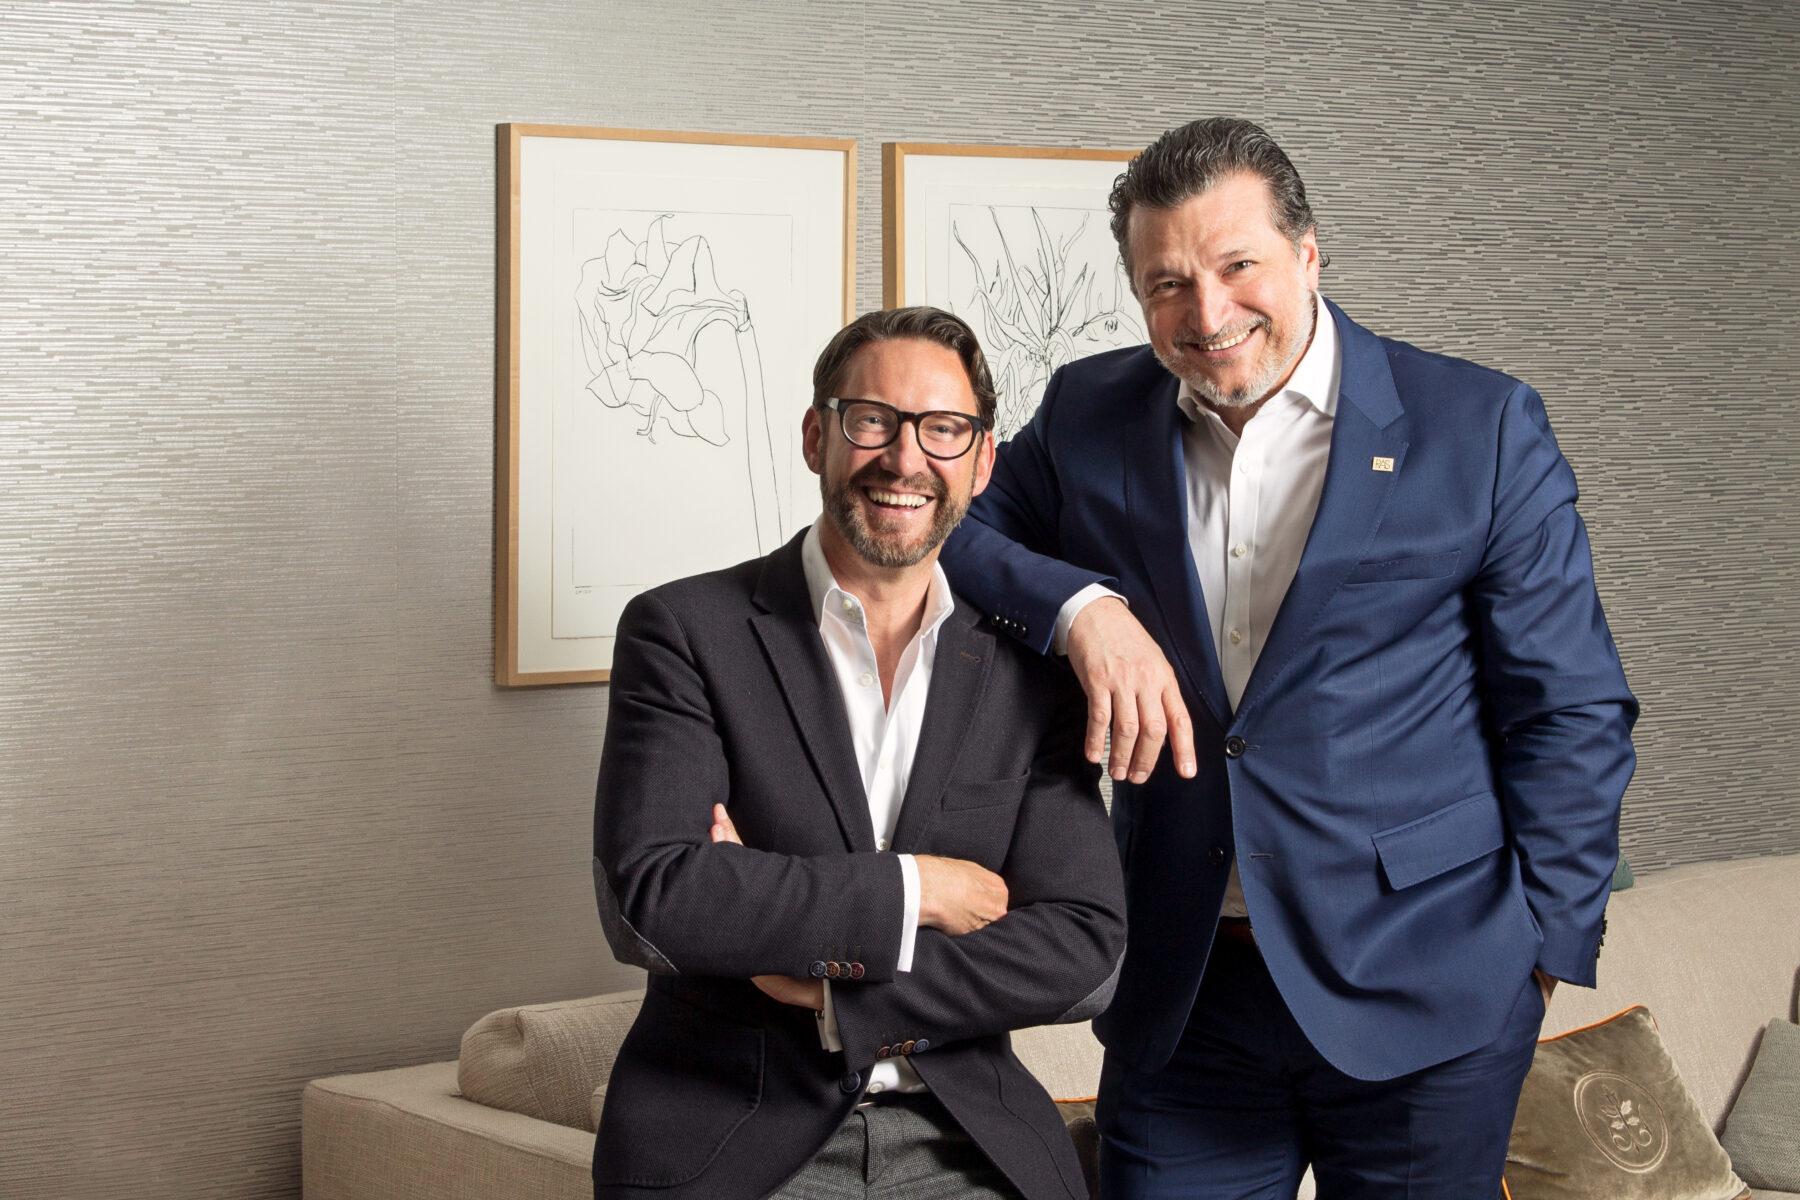 Tertianum Inhaber Felix von Braun mit RAS Geschäftsführer Raffaele Sorrentino